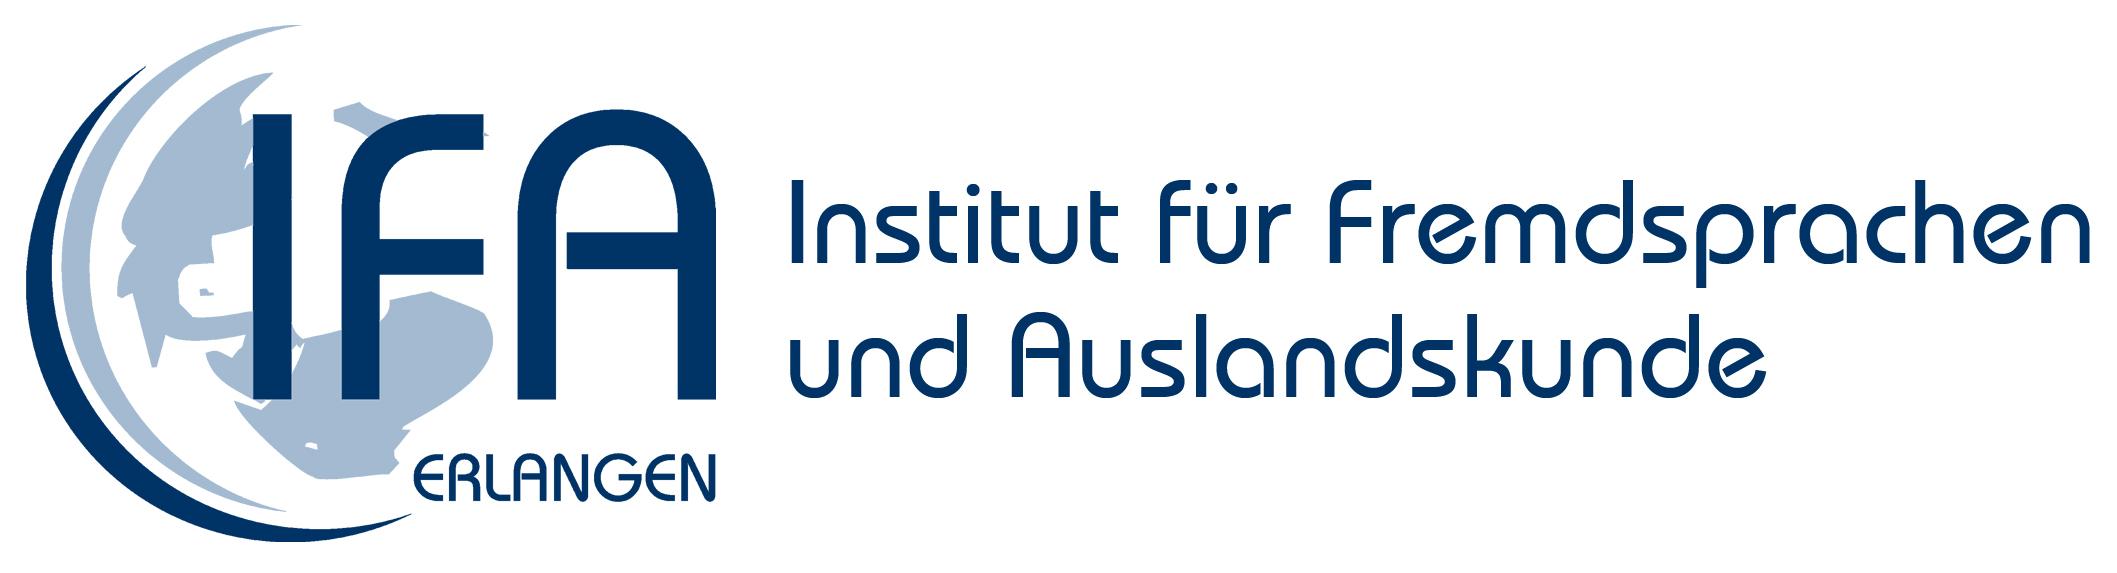 Institut für Fremdsprachen und Auslandskunde